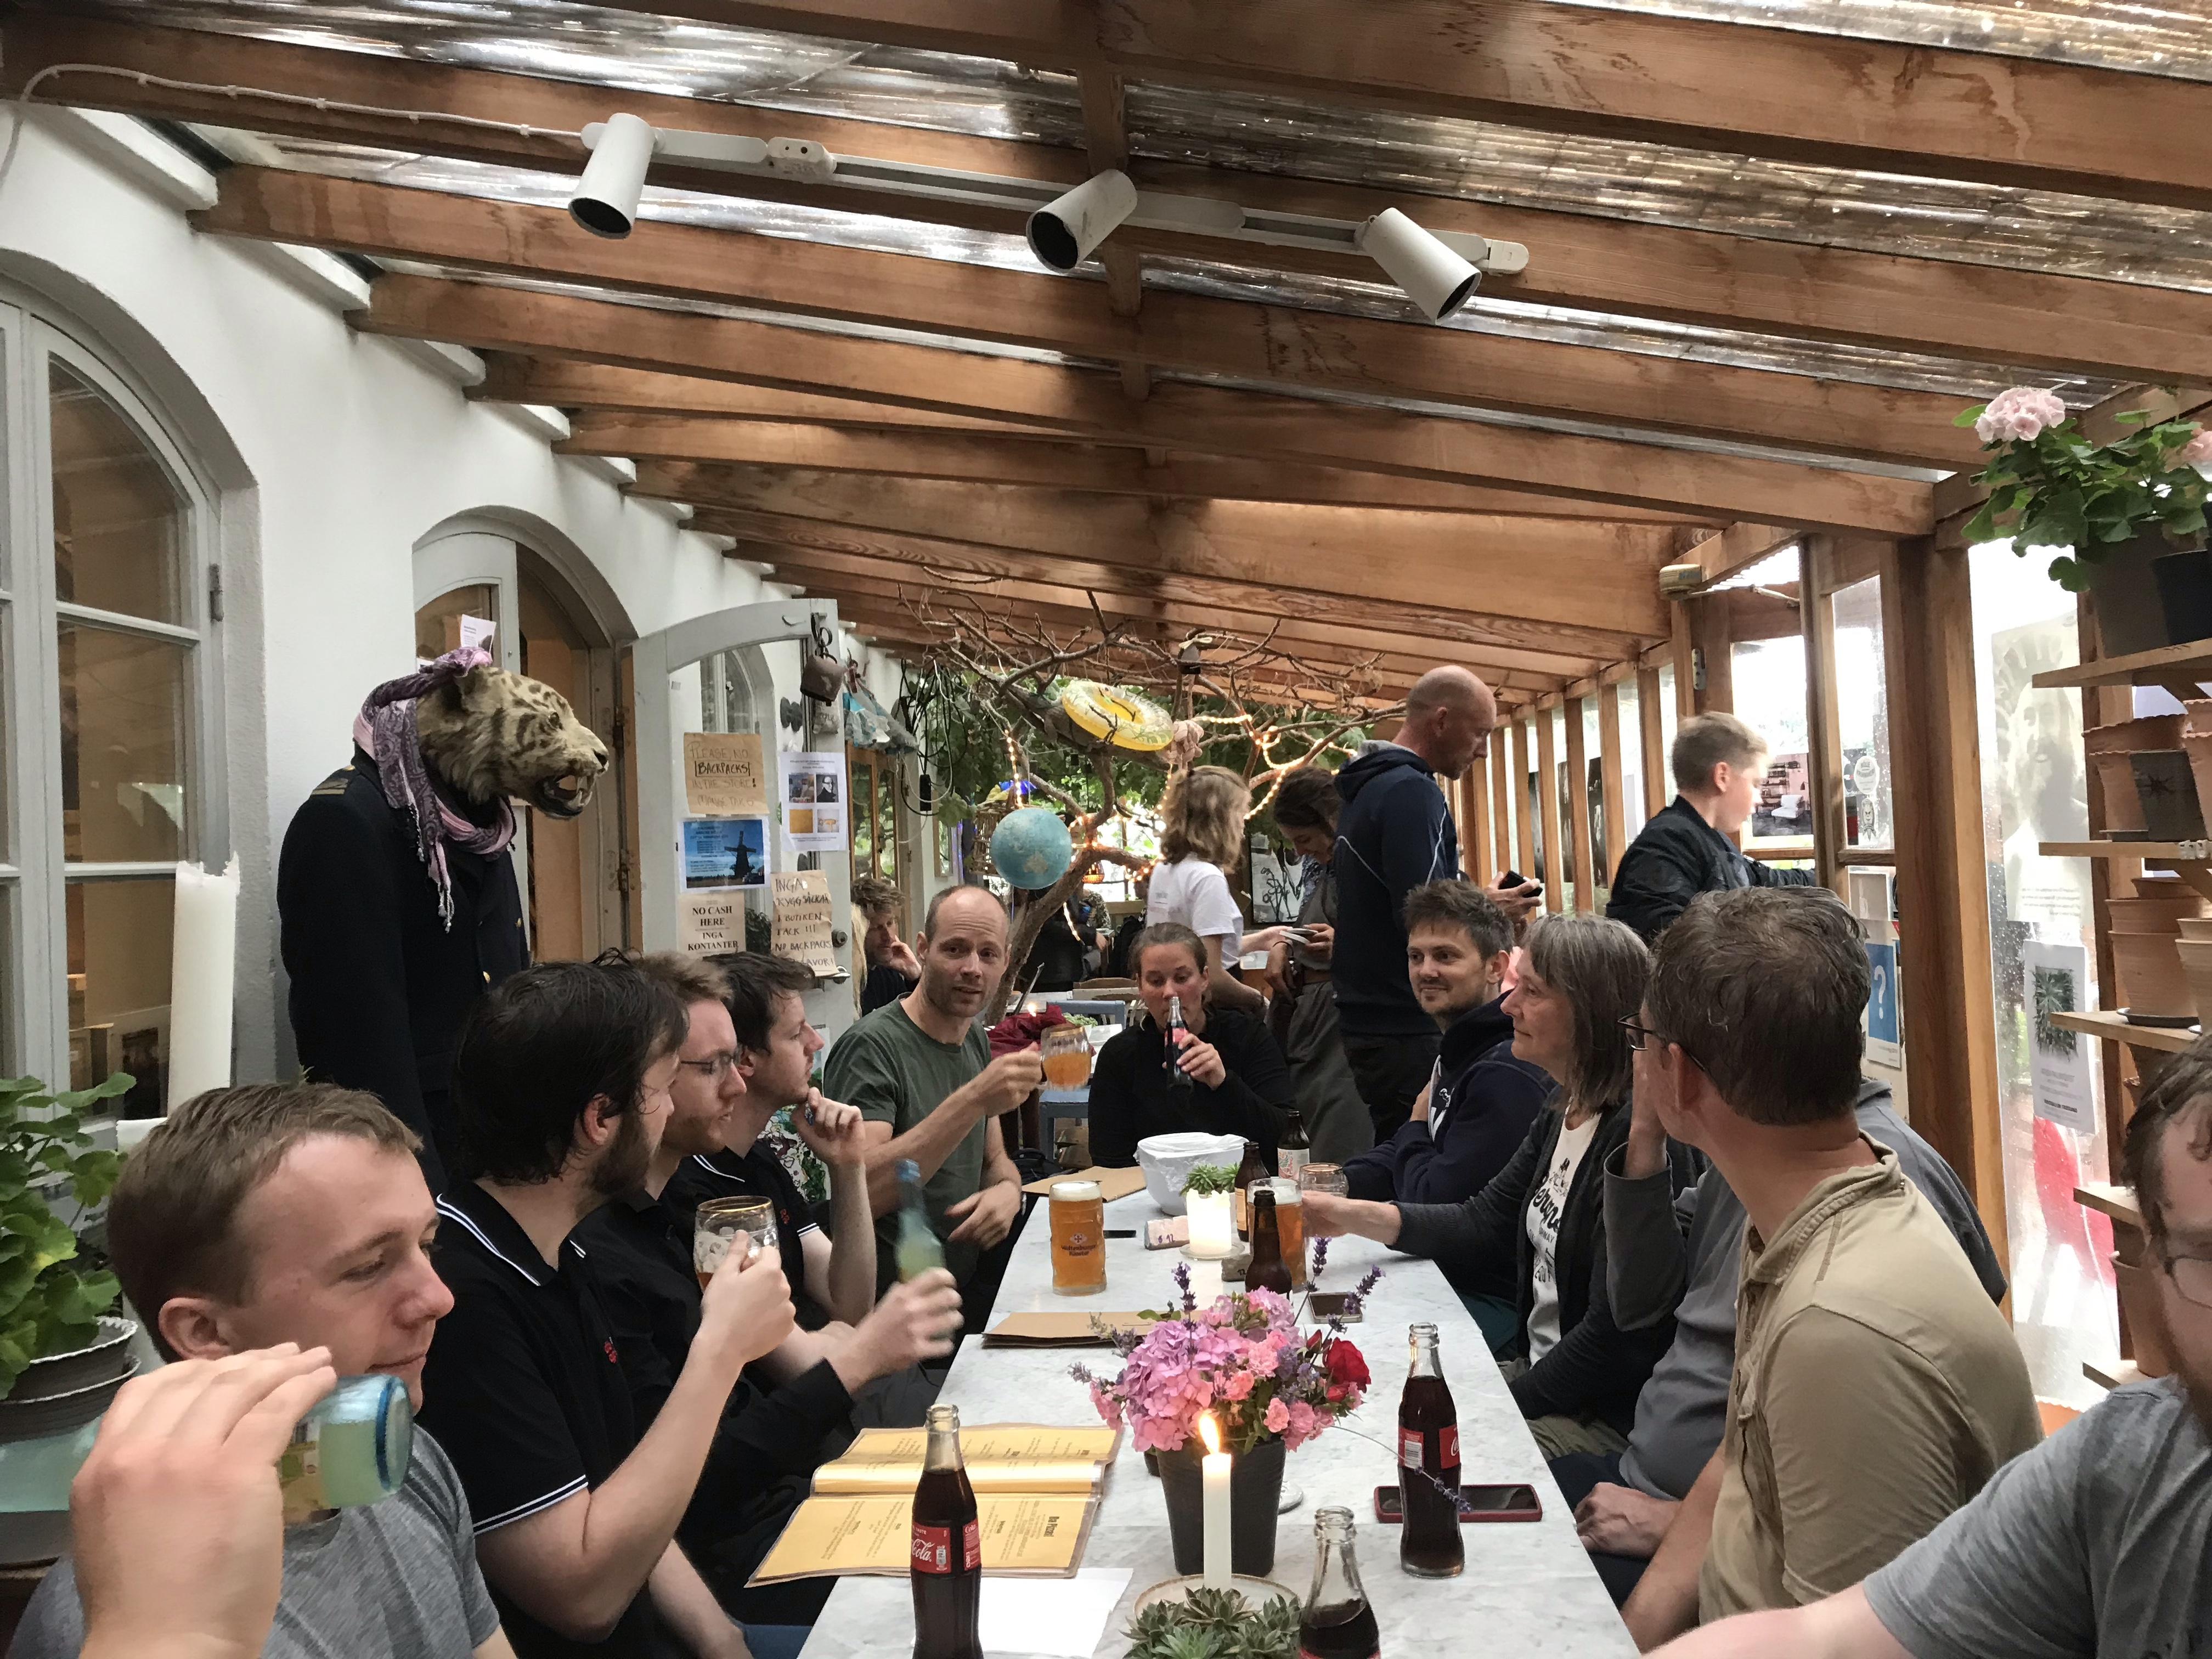 Krukmakeriet i Mölle danner rammen om afslutningen på vores tur. Her serveres Skånes lækreste pizza og skønne specialøl. Foto: Knut Korczak